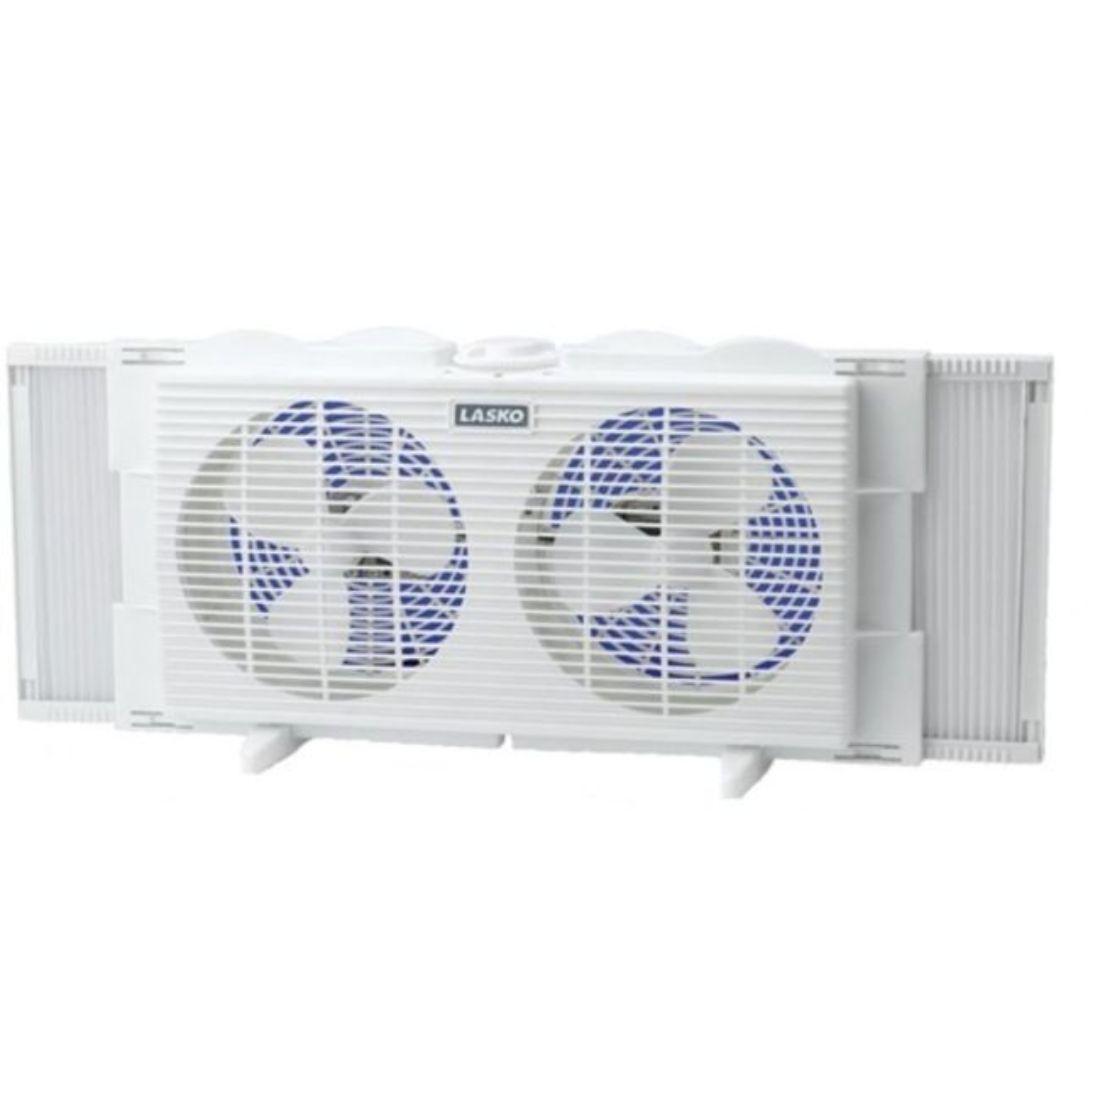 Lasko Slim Profile Twin Window Fan w/ 2 Speeds (White)